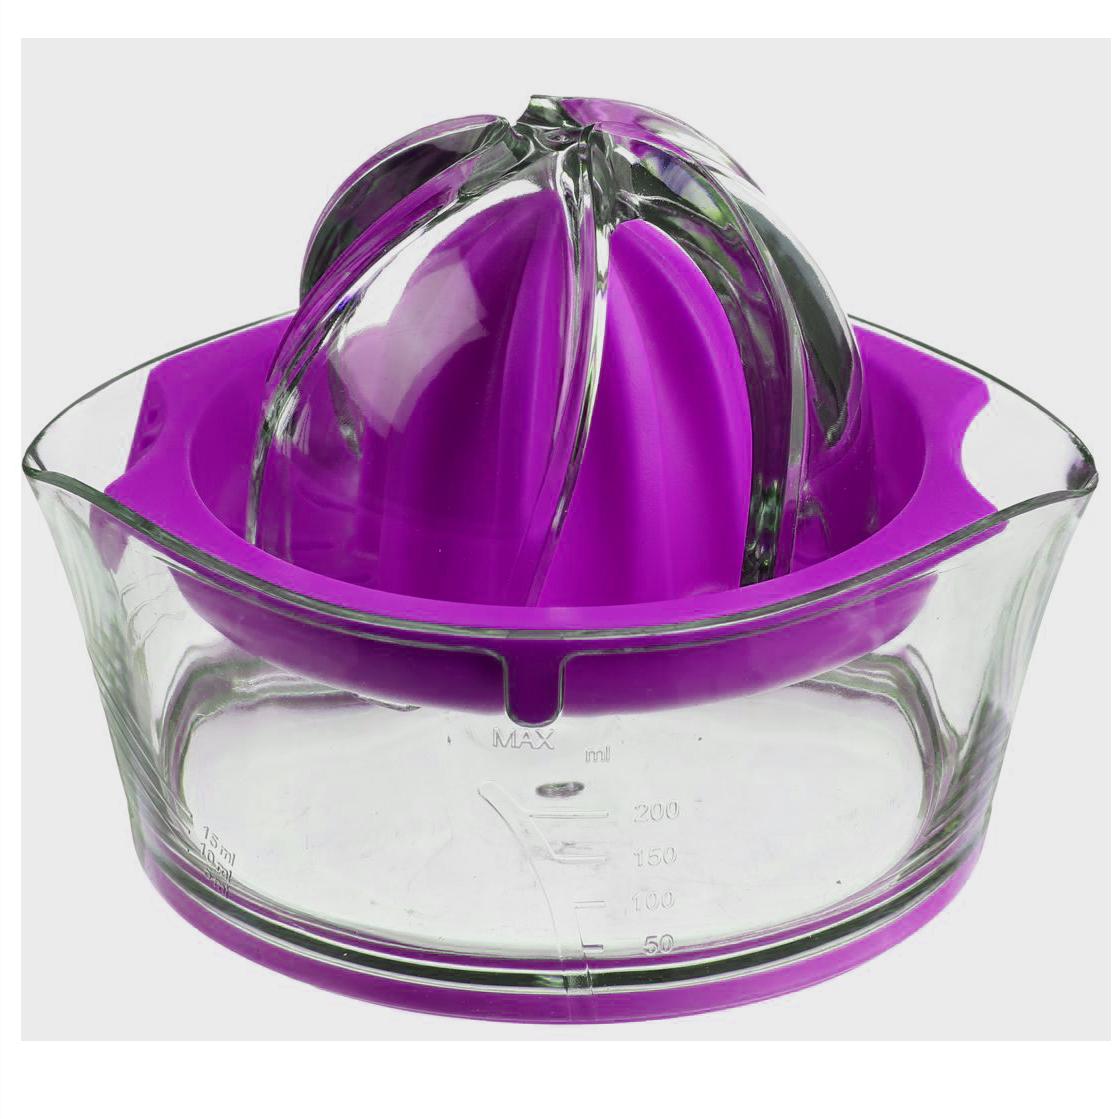 Соковыжималка для цитрусовых JJA, цвет: сиреневый, 14 х 12 х 9 см128657DКлассическая соковыжималка для цитрусовых, имеет яркий, изысканный дизайн. Шкала, нанесённая на прозрачный контейнер, поможет точно определить объём выжатого сока, а если Вы предпочитаете этот напиток без мякоти, то специальная решеточка не позволит ей попасть в Ваш стакан.